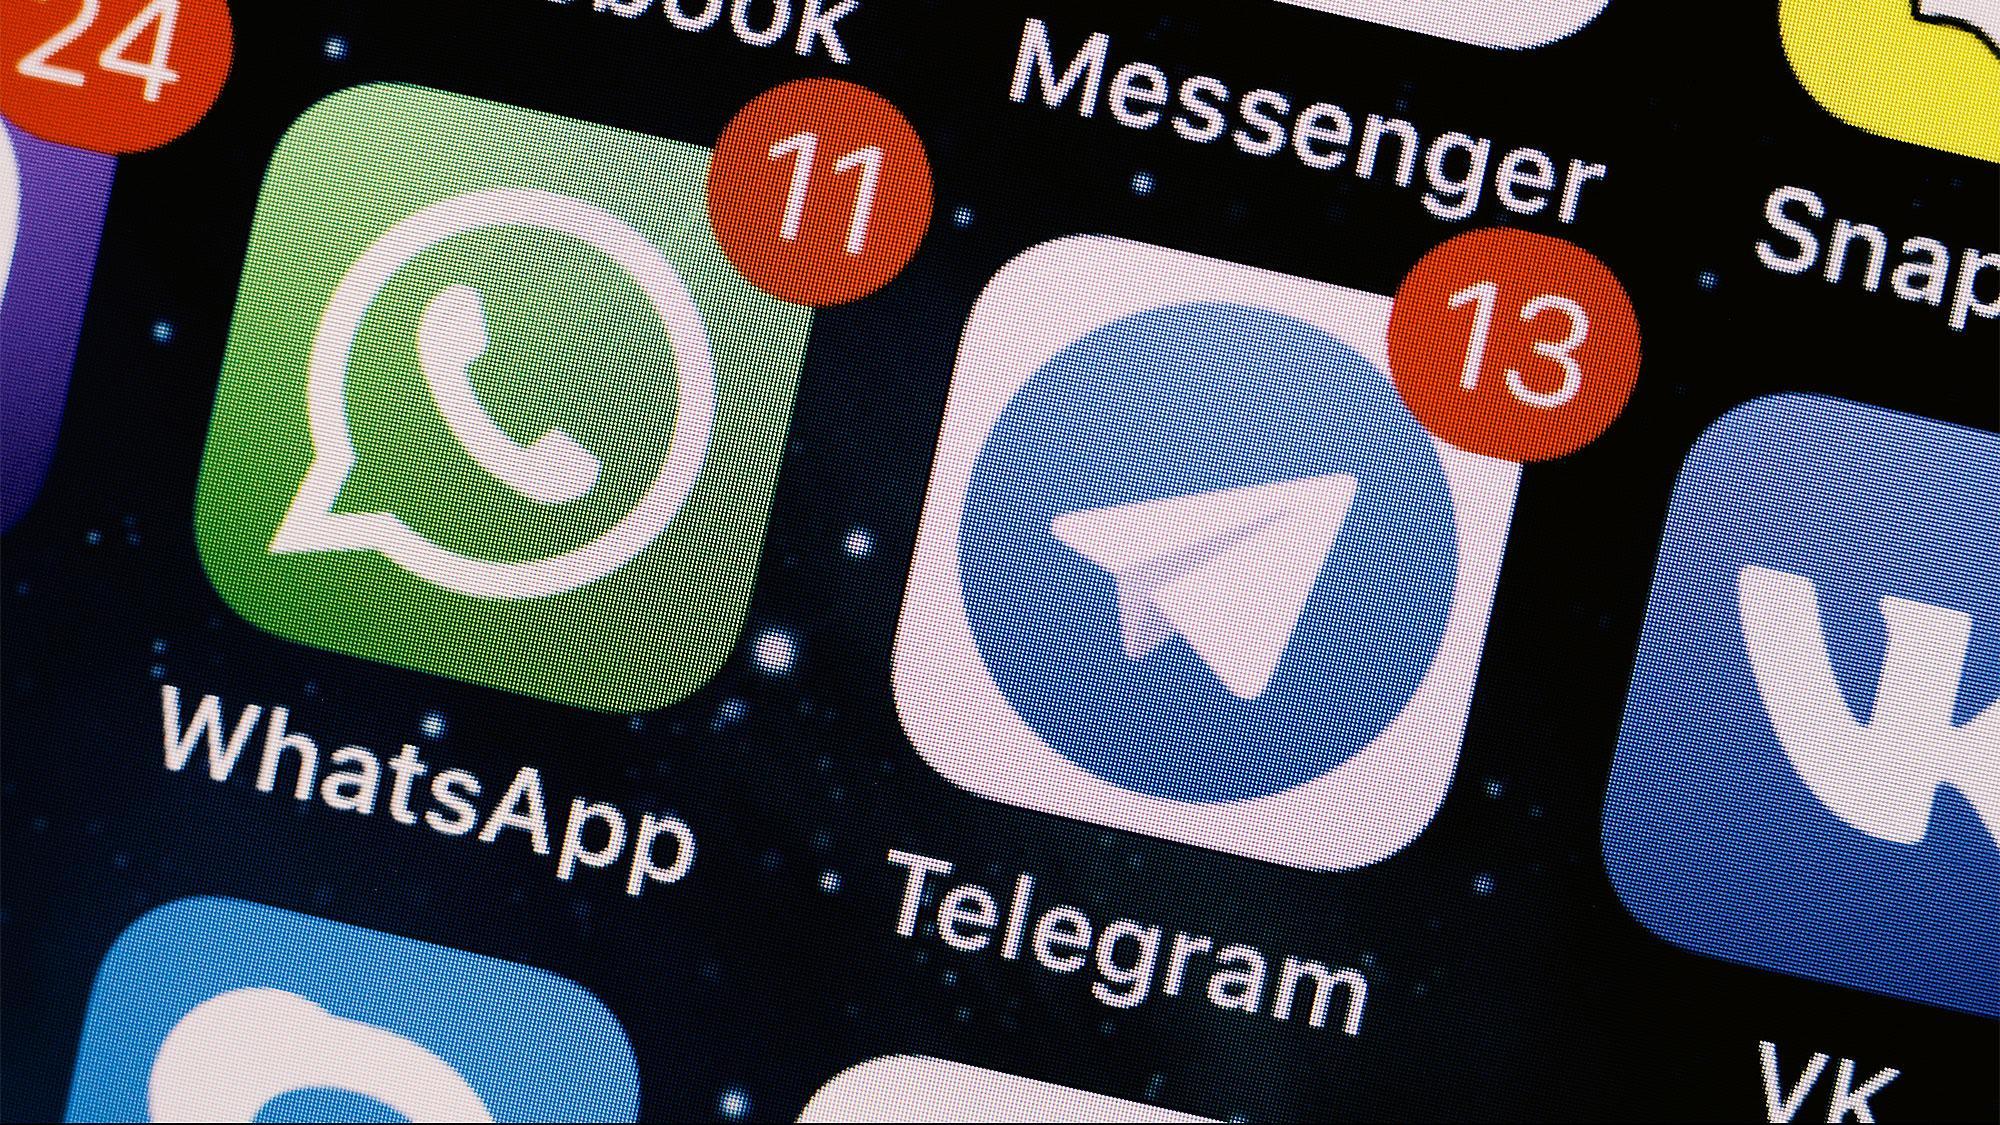 Гонки мессенджеров. Почему WhatsApp хуже Telegram, но всё равно в лидерах?